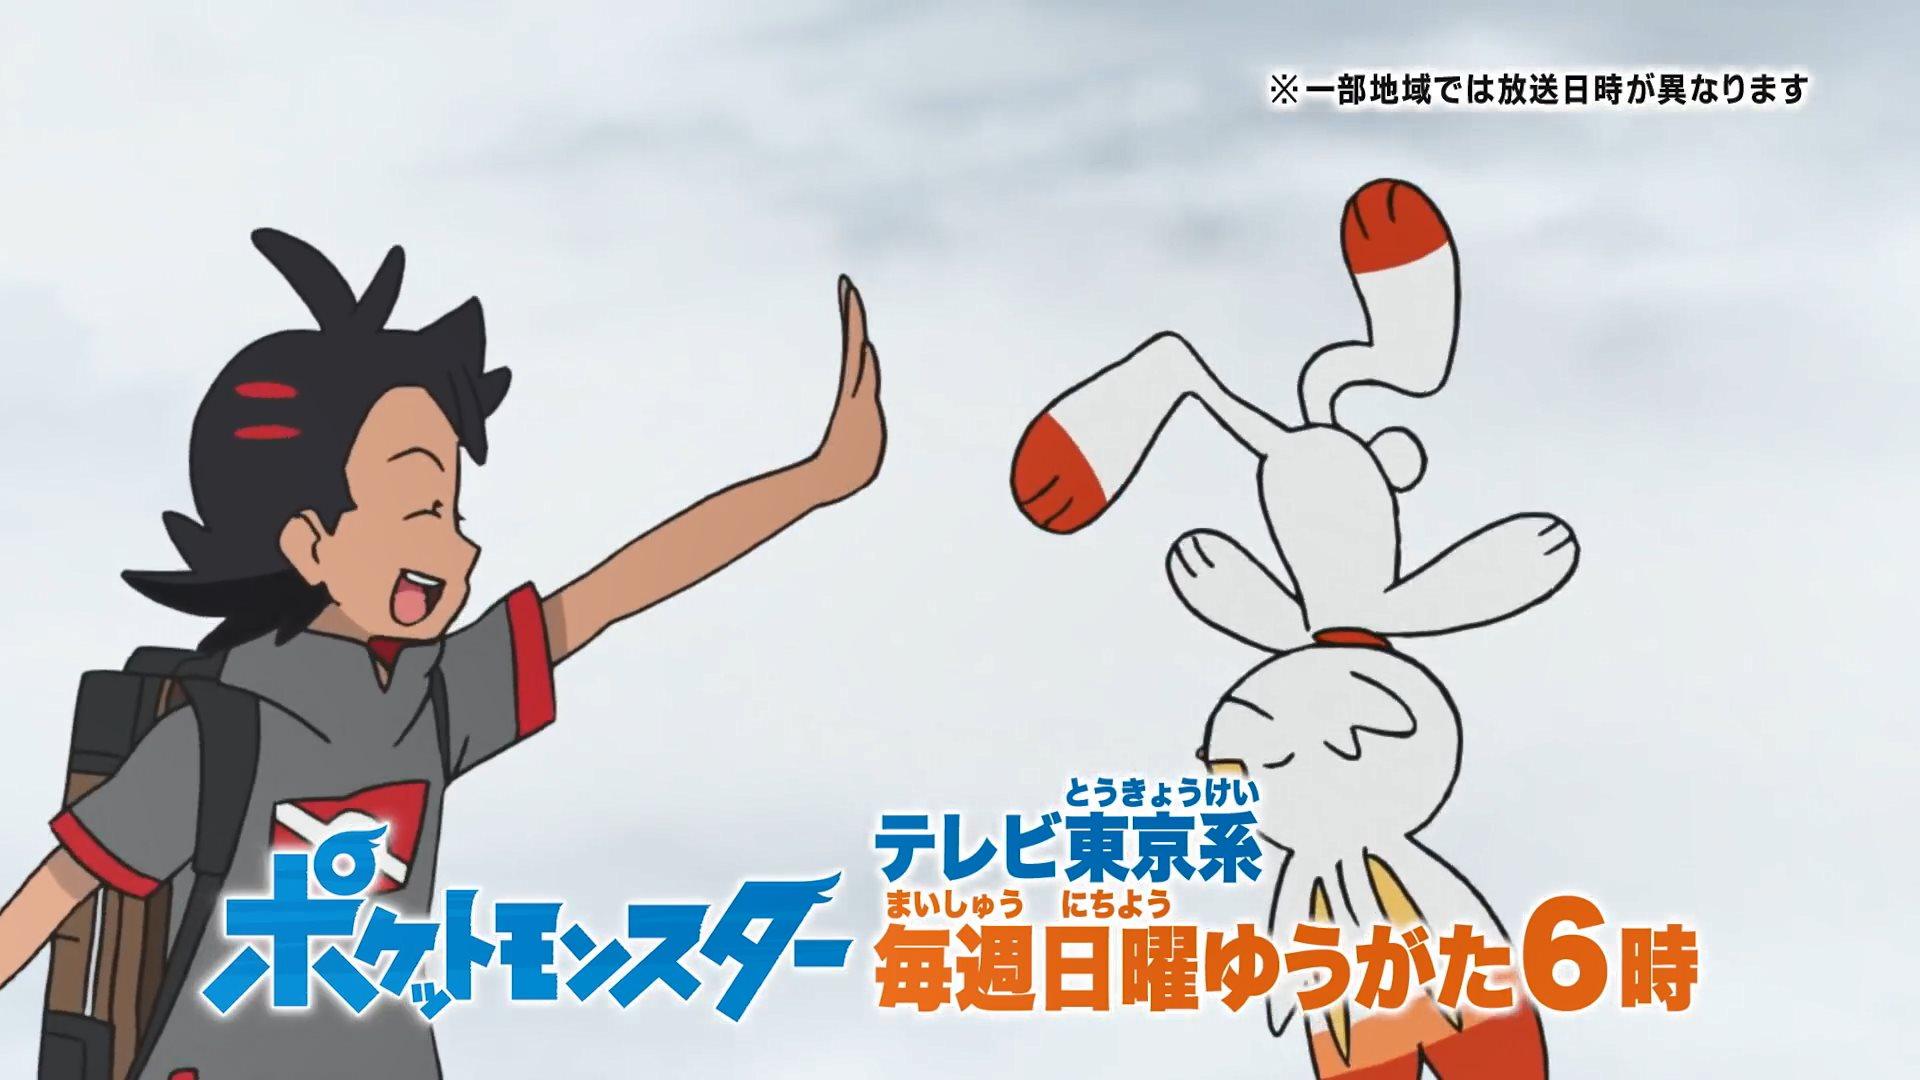 《宝可梦》新动画宣传片公开皮神十万伏特警告!